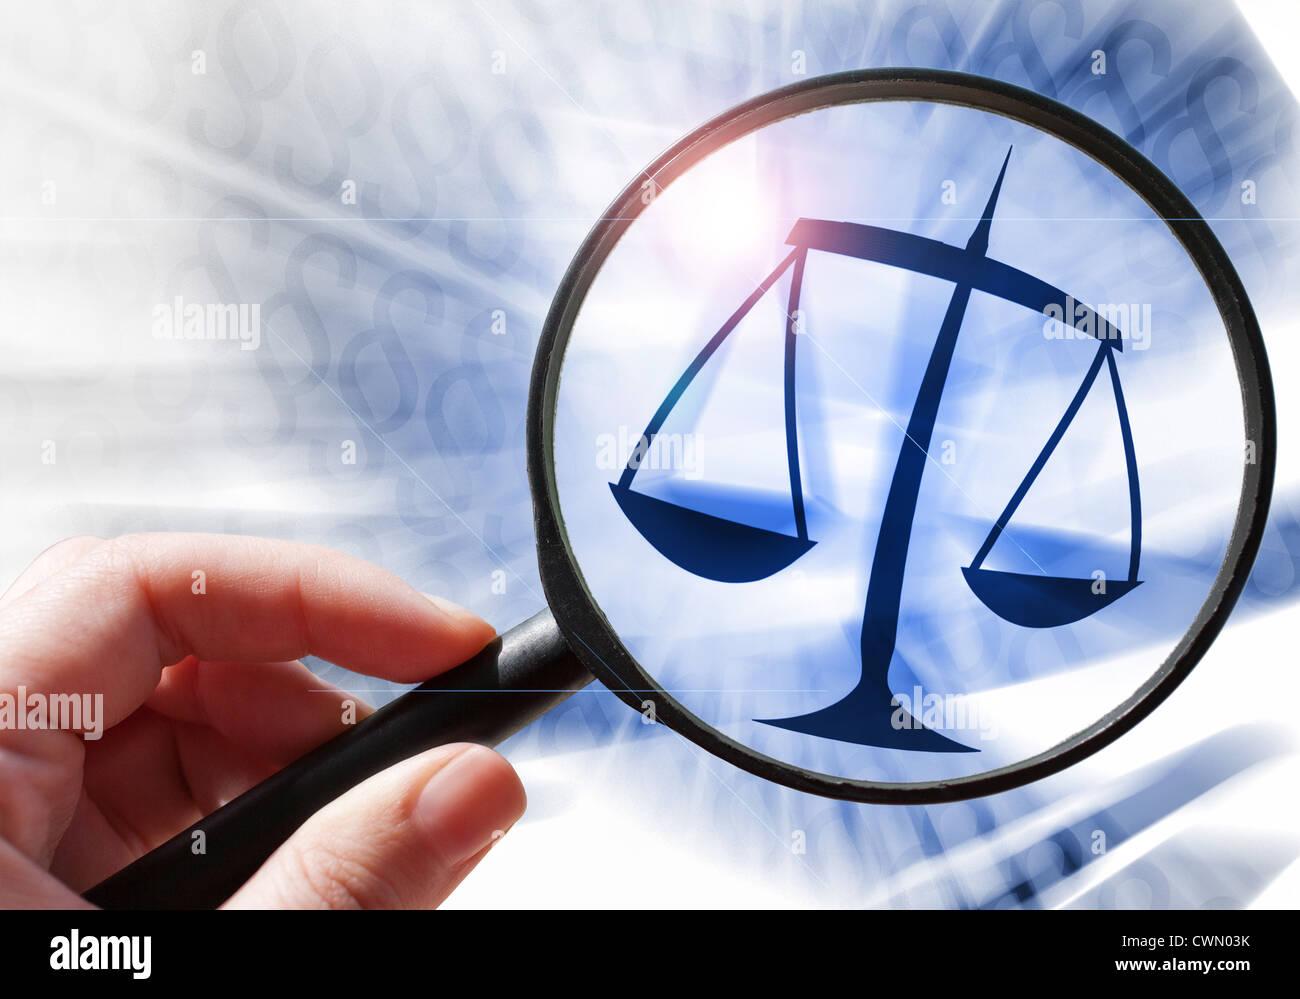 La ley y el orden, la balanza de la justicia y el signo de párrafo Foto de stock